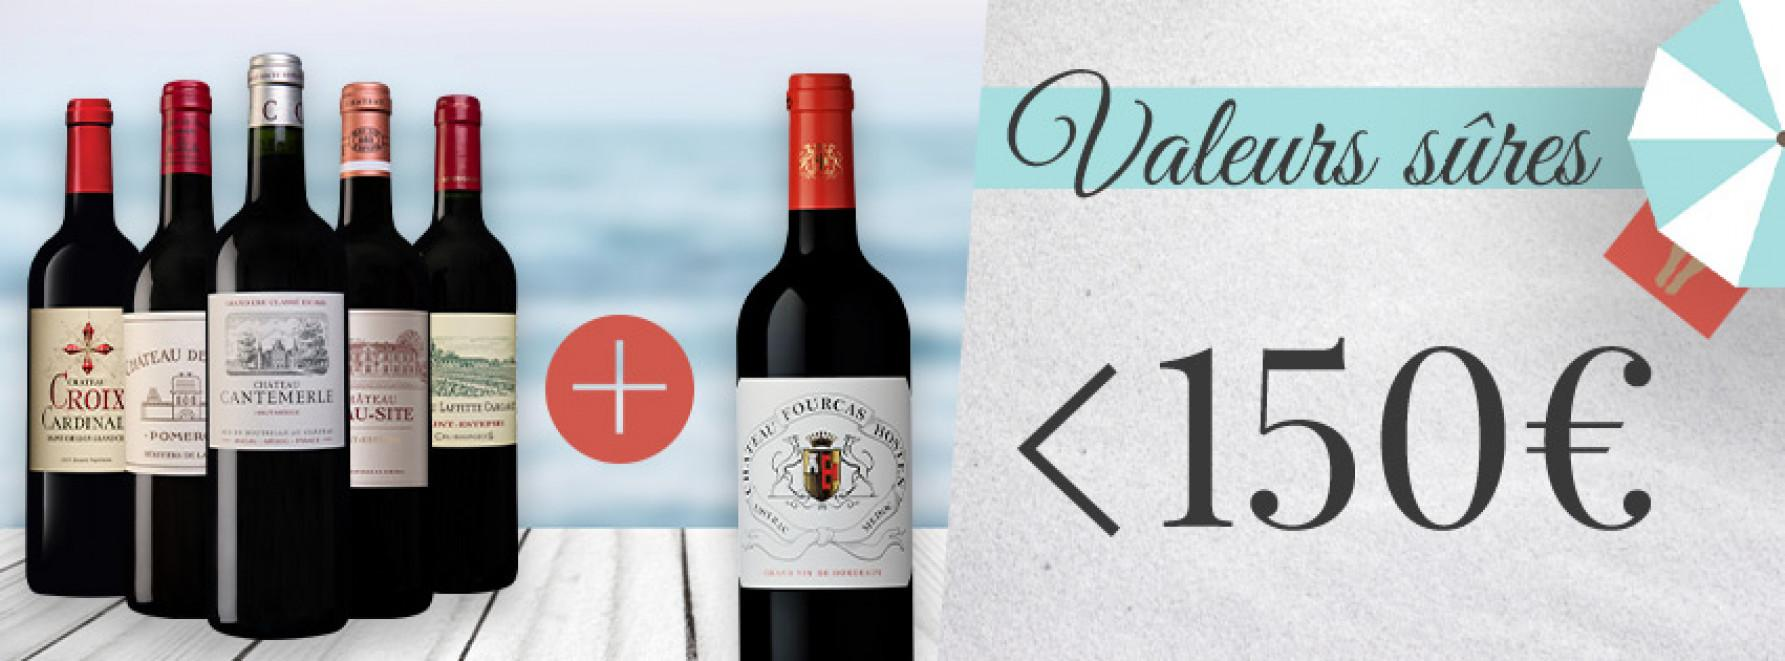 Collection valeurs sûres <150€ grâce à la 6ème bouteille offerte